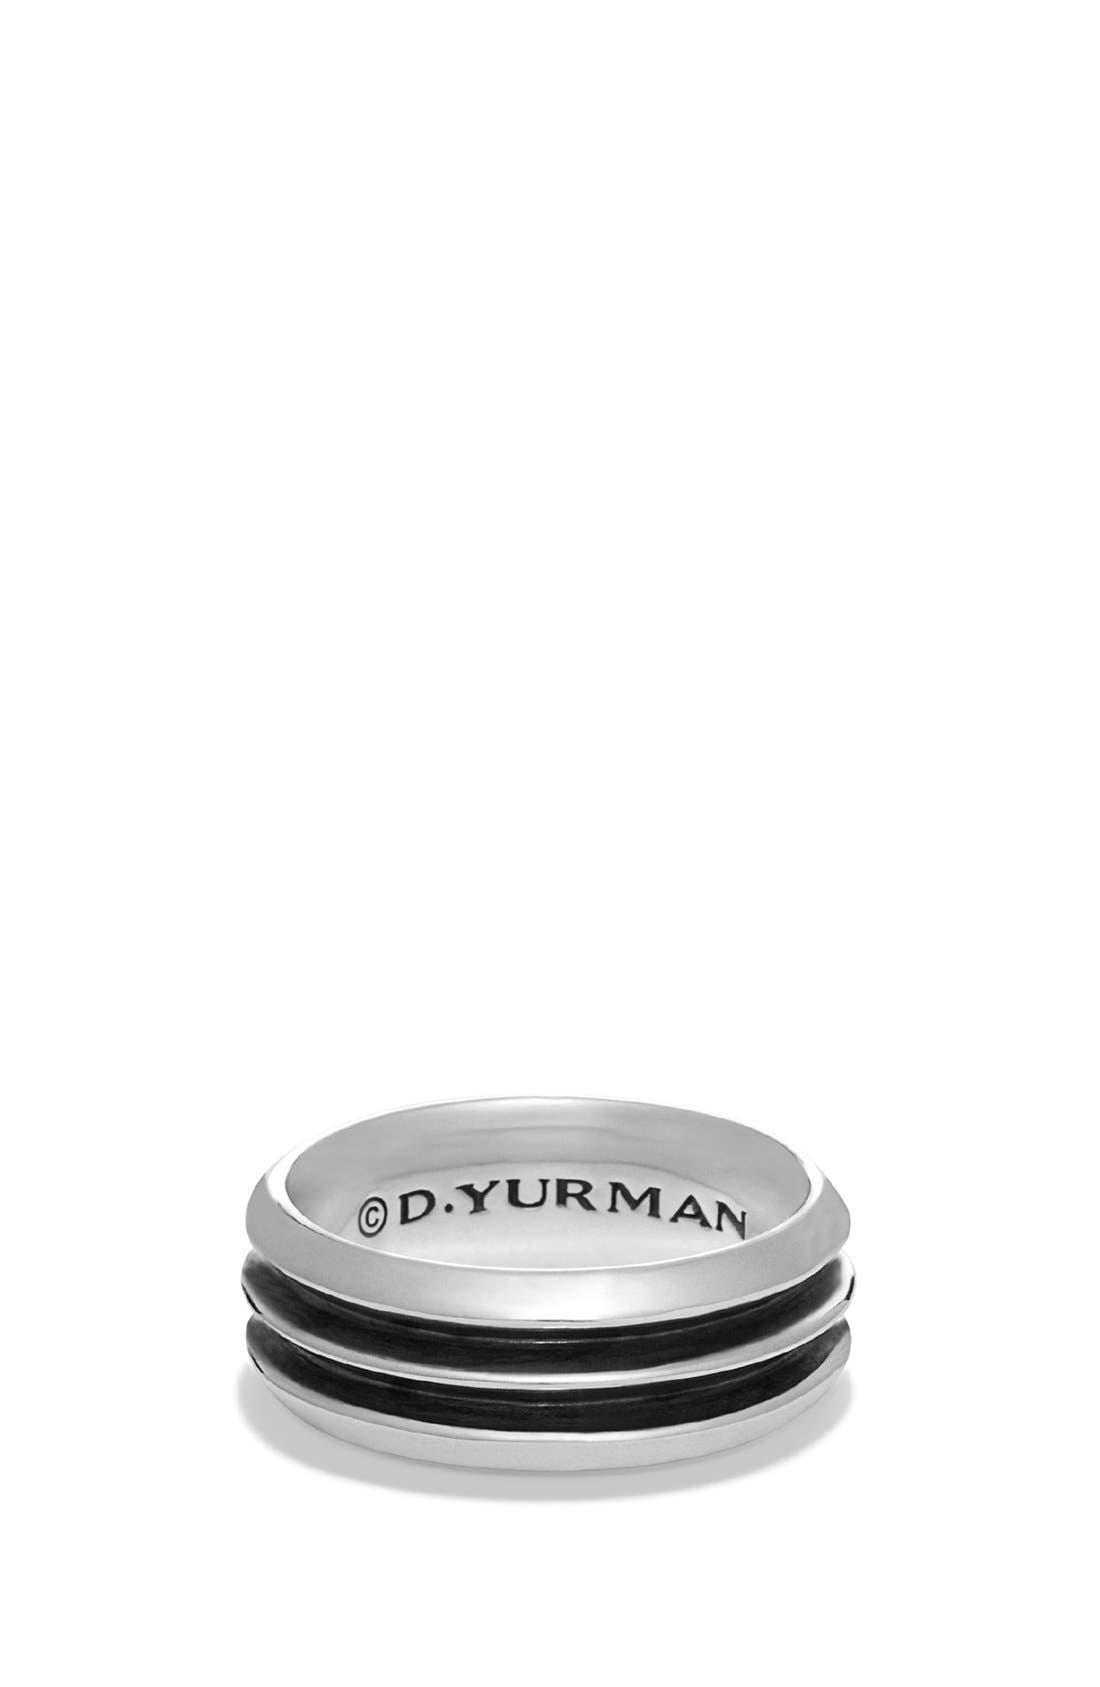 Alternate Image 1 Selected - David Yurman 'Royal Cord' Knife-Edge Band Ring